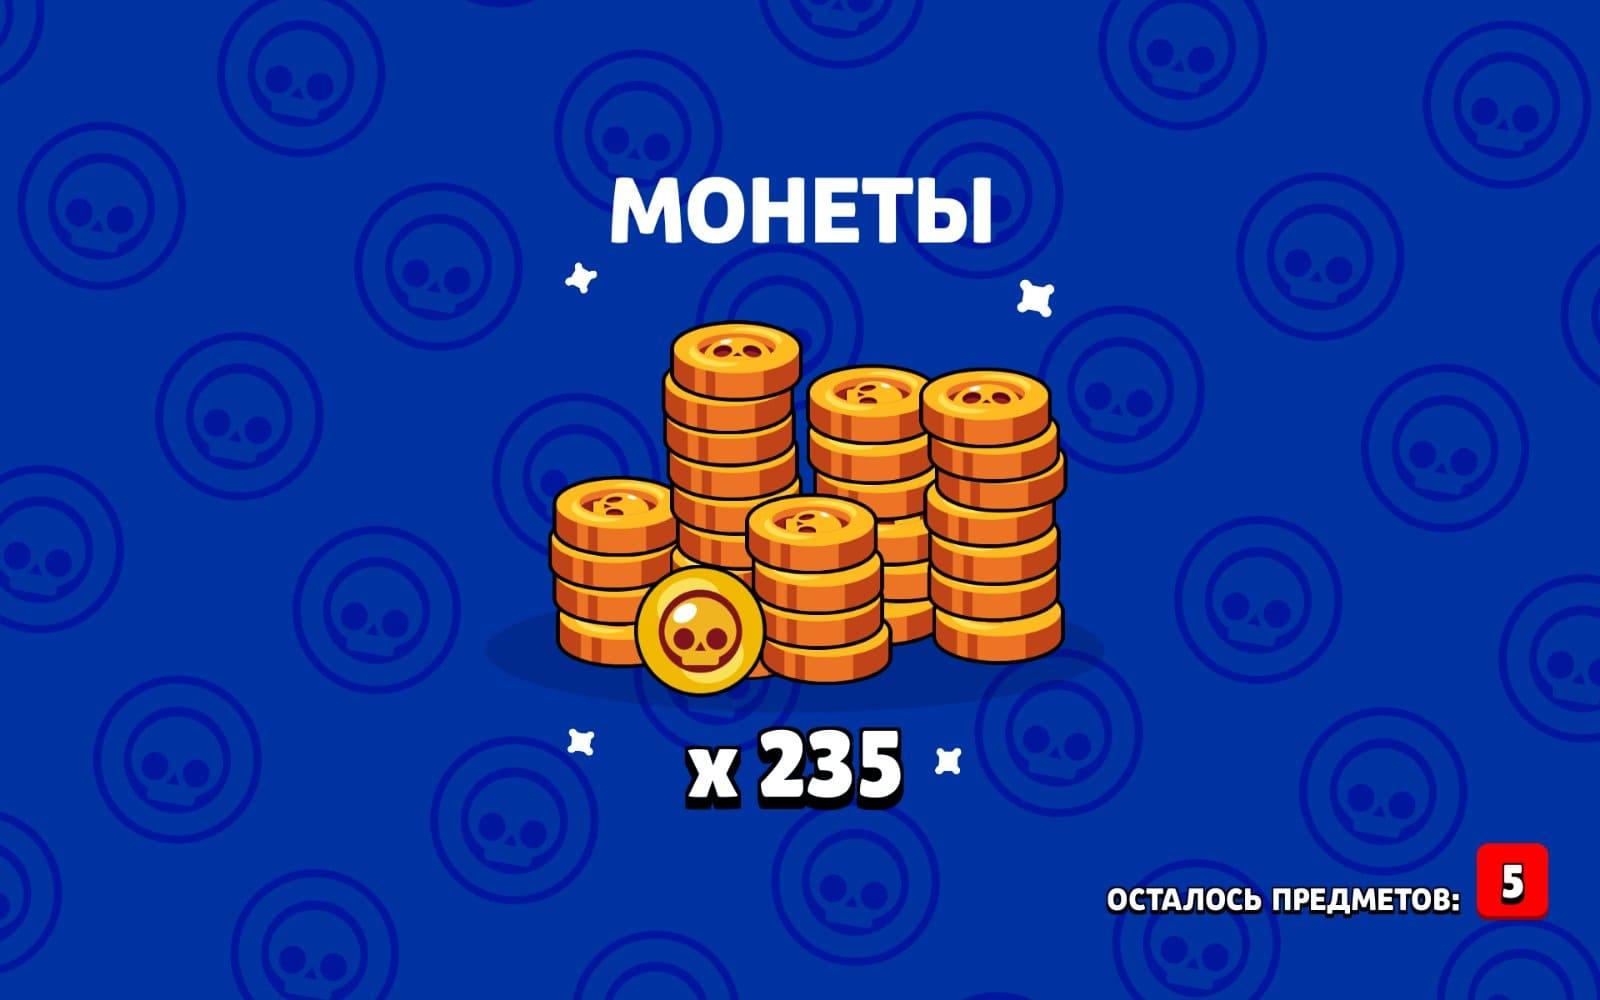 На баланс +235 монет